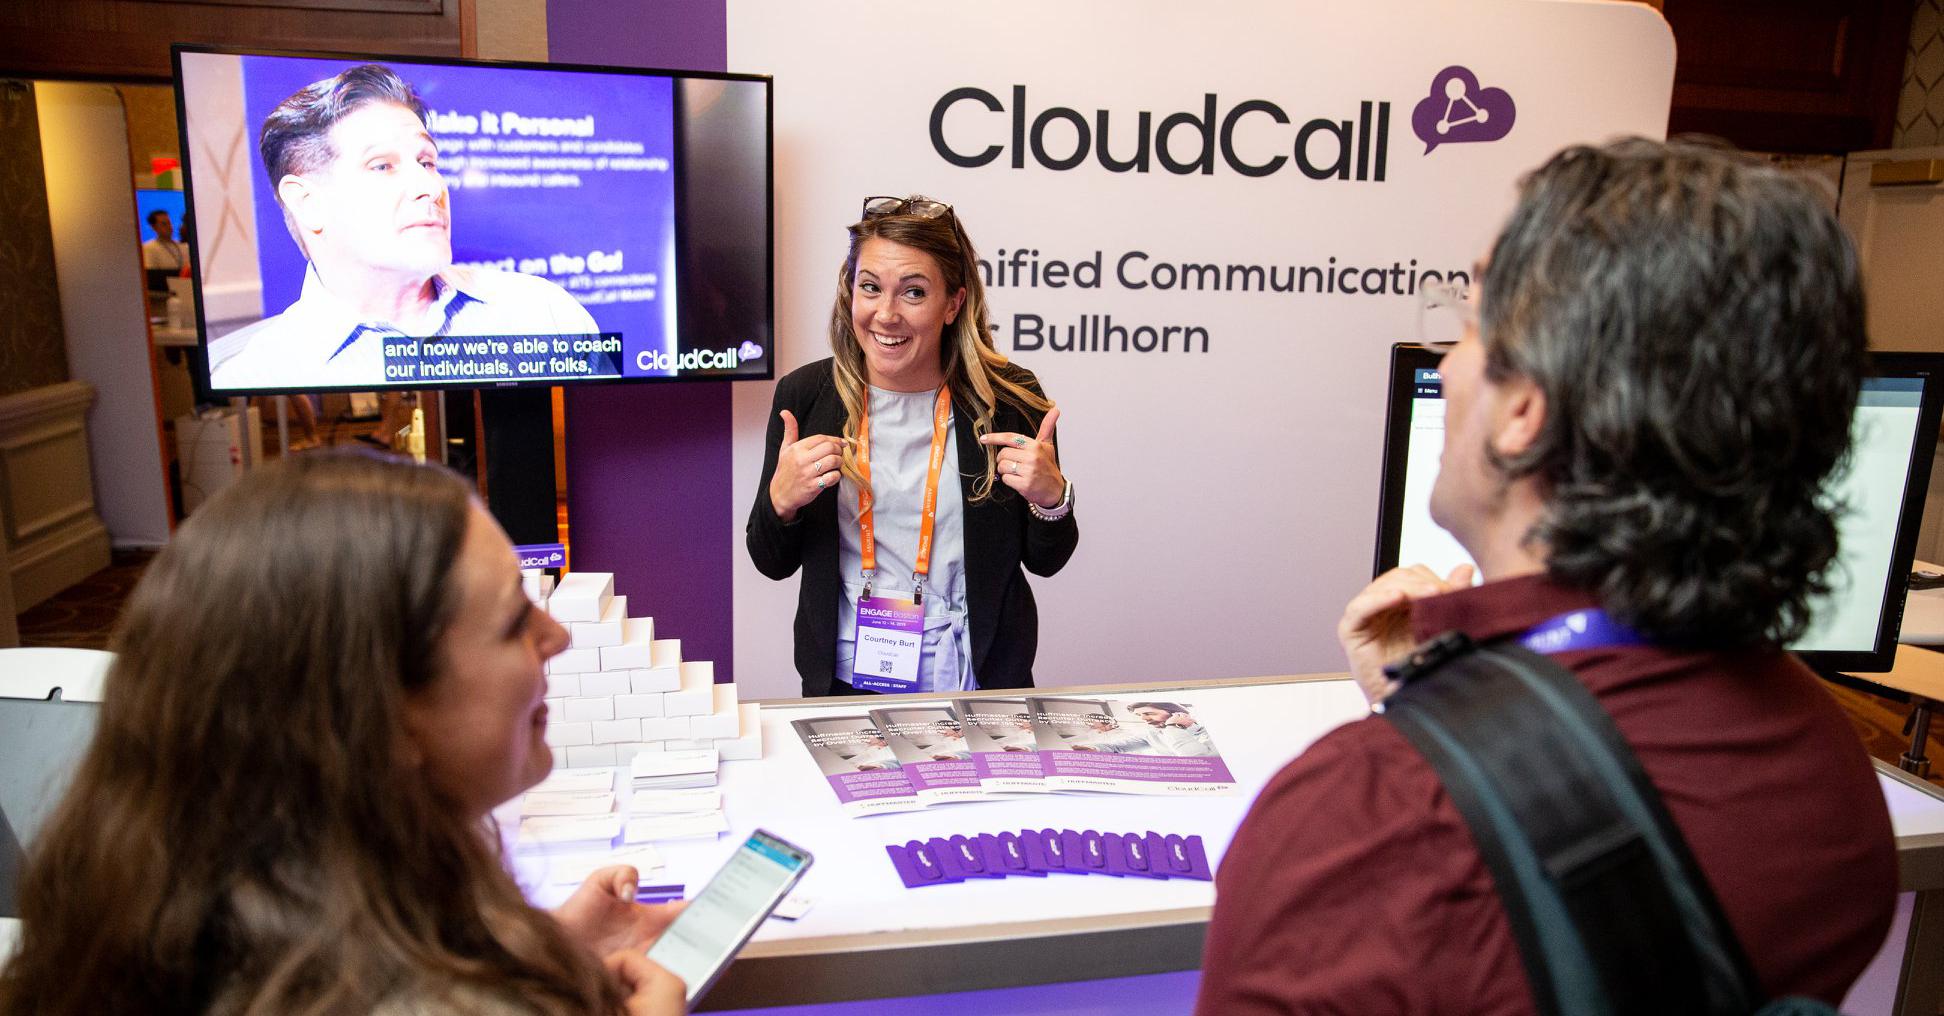 CloudCall_Bullhorn